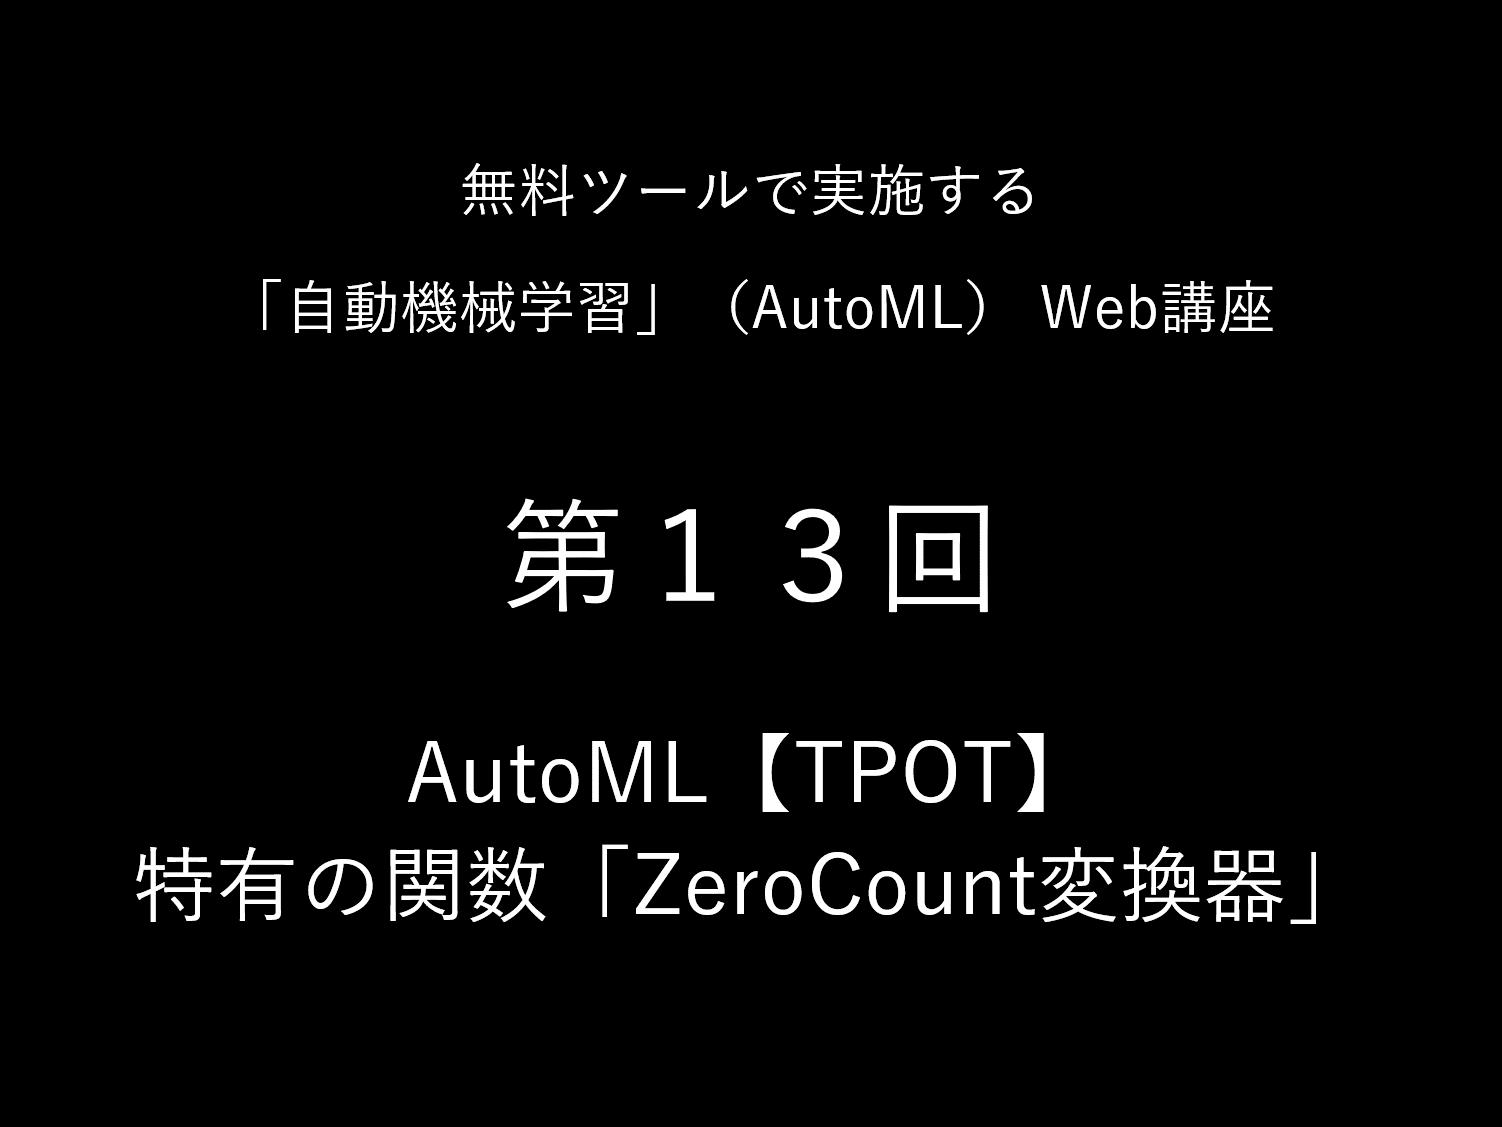 AutoML【TPOT】特有の関数「ZeroCount変換器」